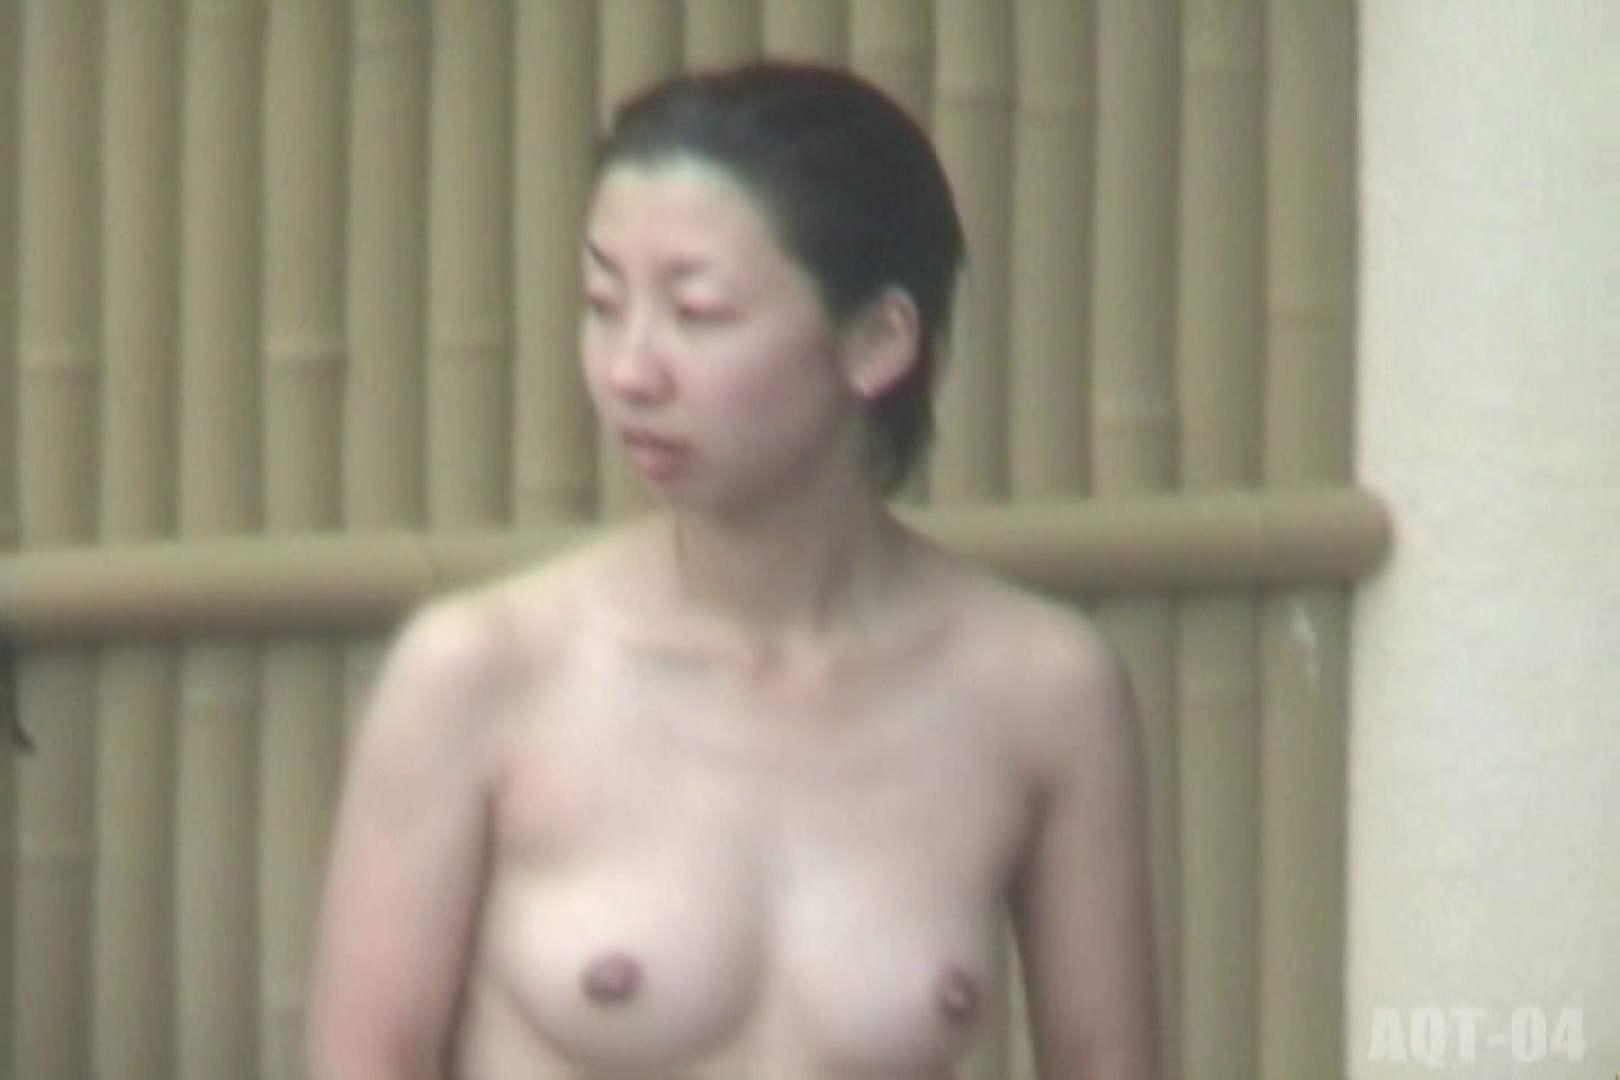 Aquaな露天風呂Vol.739 美しいOLの裸体 隠し撮りオマンコ動画紹介 88pic 50